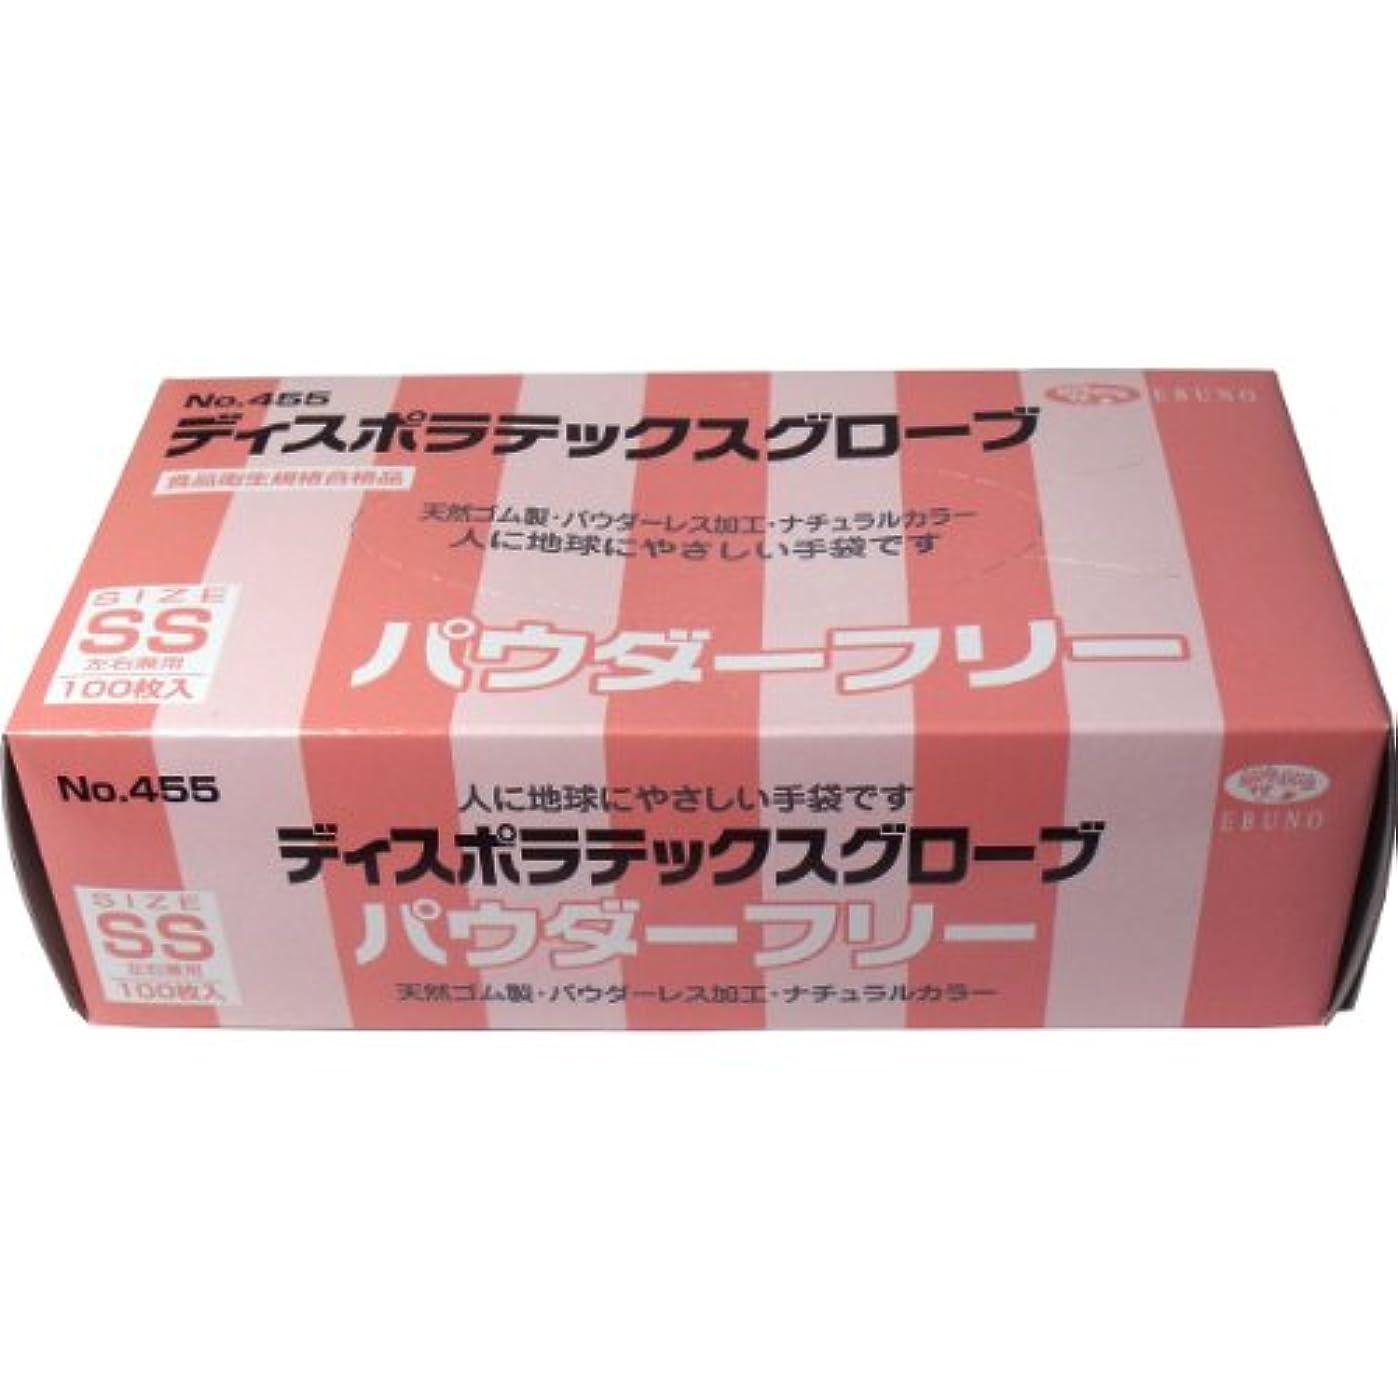 適応突然スタウトディスポ ラテックスグローブ(天然ゴム手袋) パウダーフリー SSサイズ 100枚入×2個セット